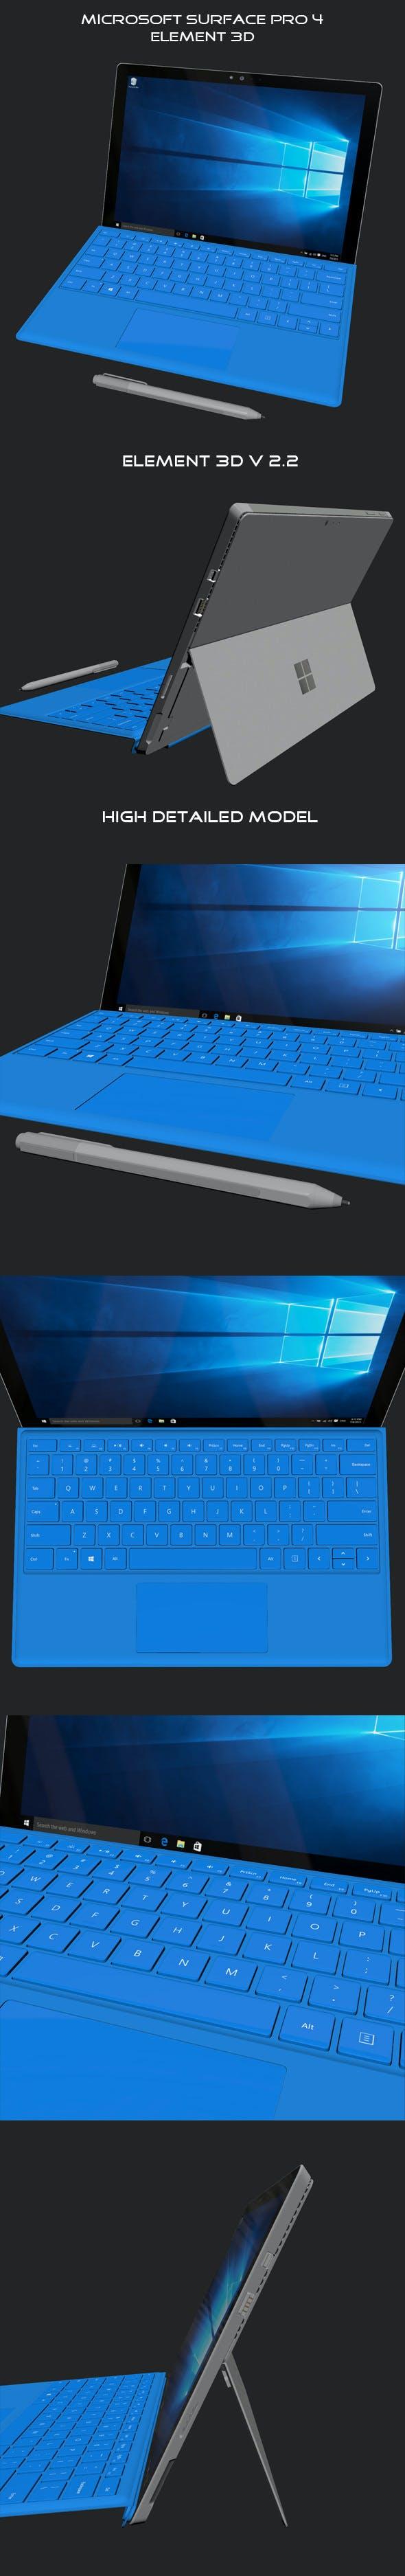 Element 3D Microsoft Suraface Pro 4 - 3DOcean Item for Sale